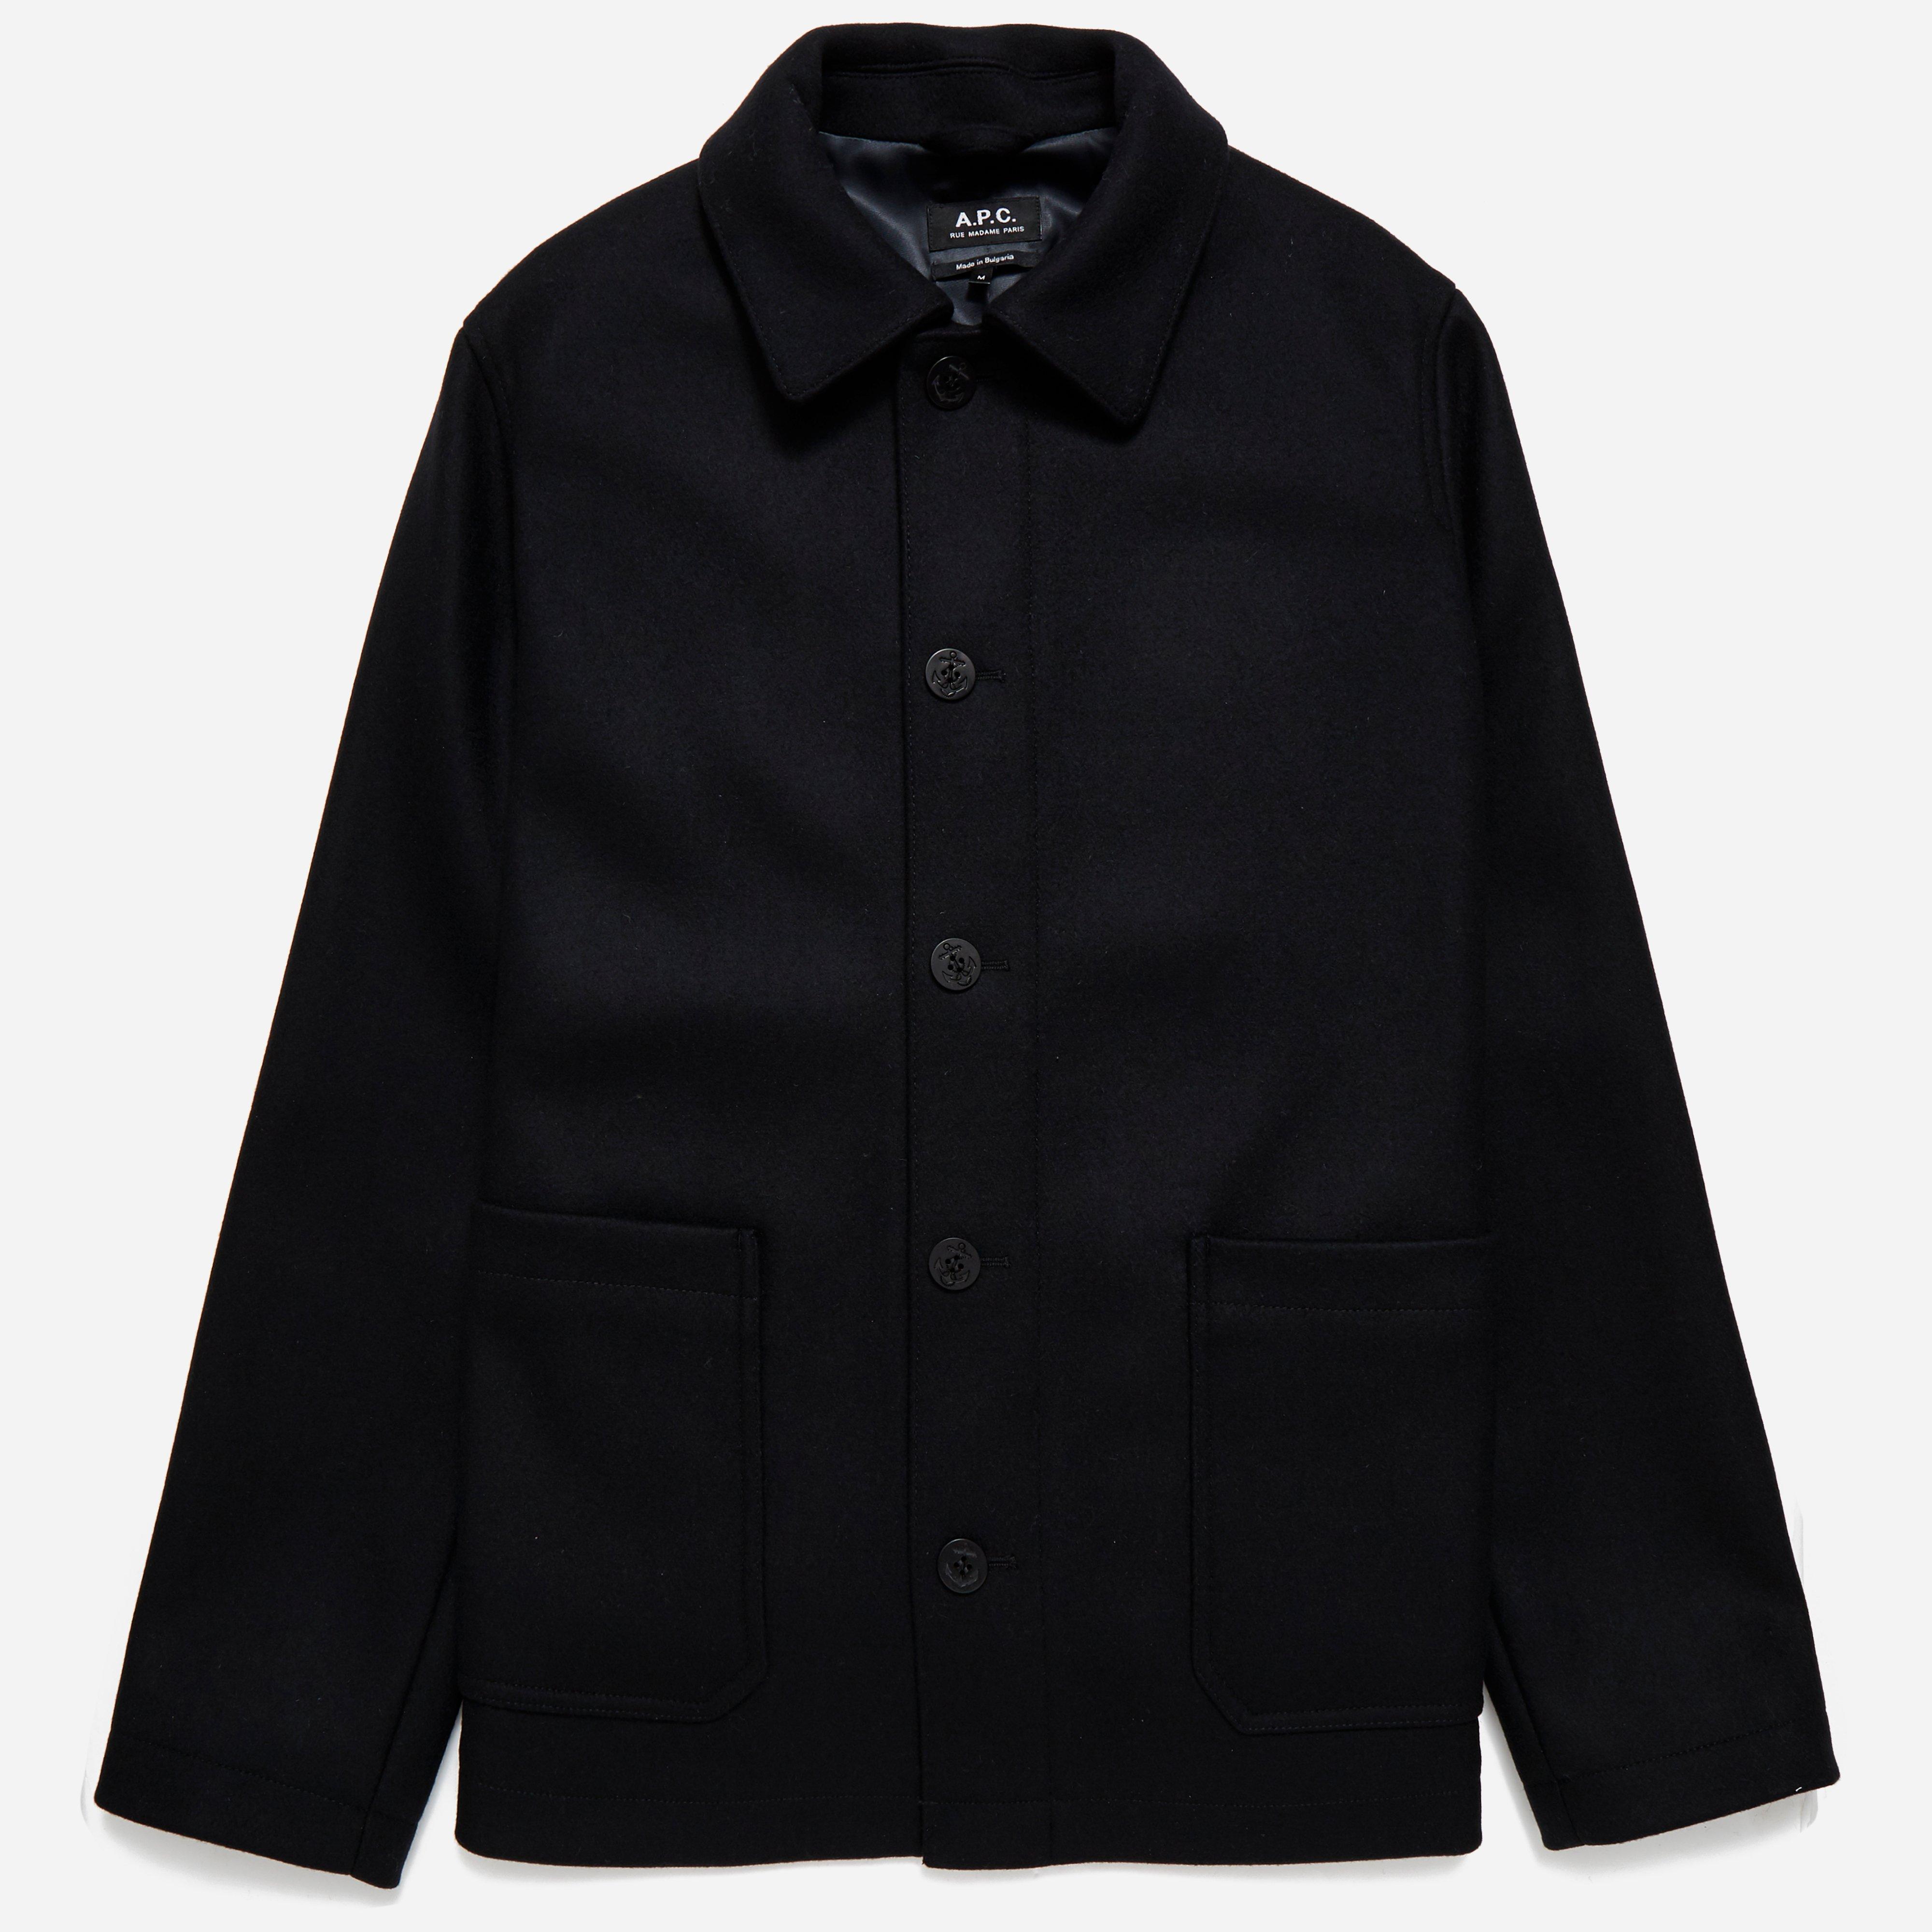 A.P.C Auray Jacket